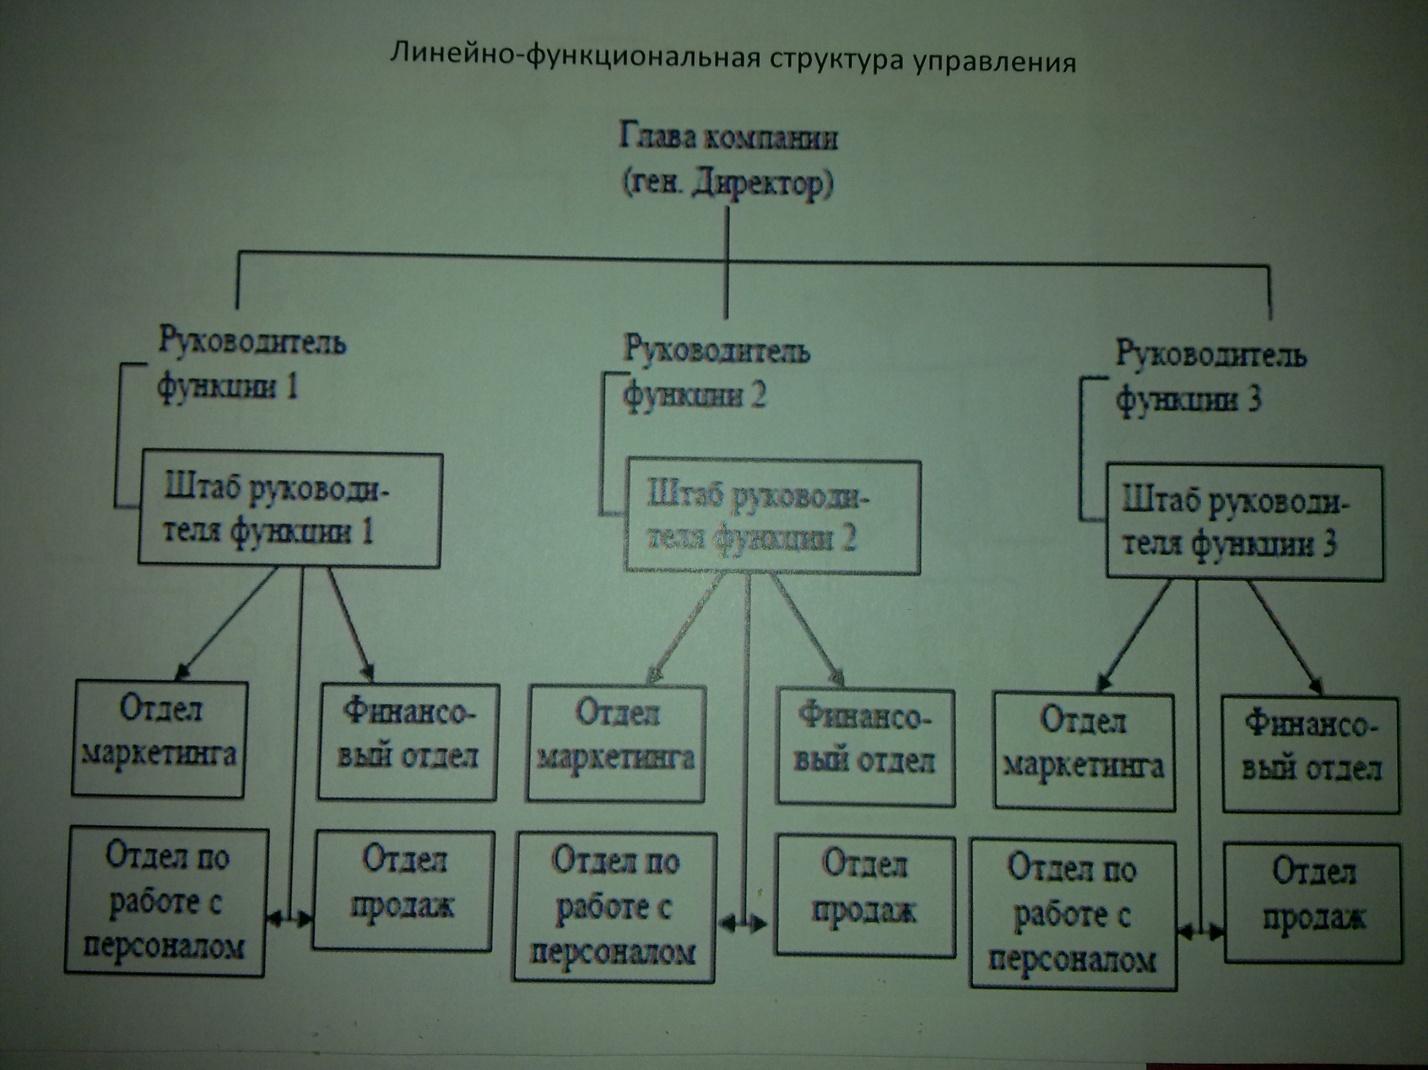 Линейные и функциональные схемы управления предприятия